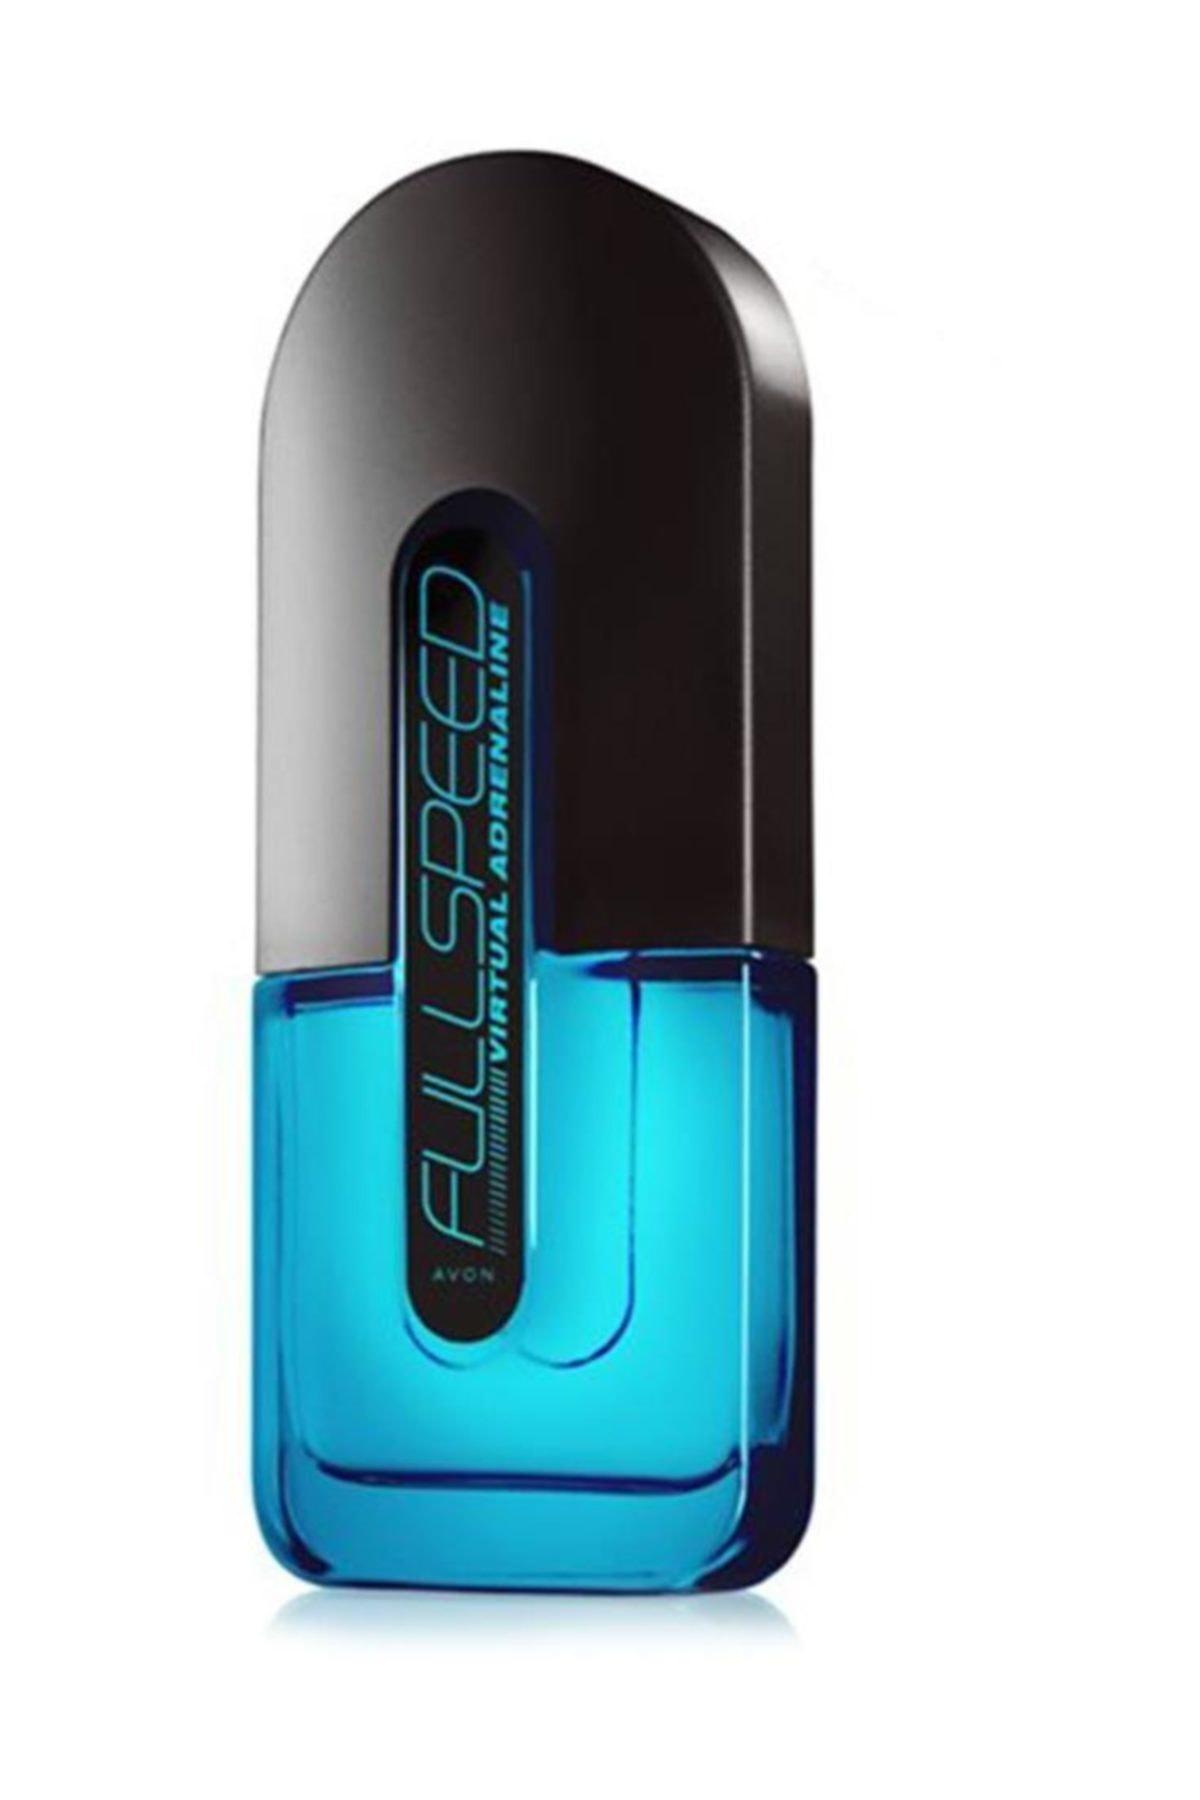 Оригинальный бренд Fullspeed виртуальный Адреналин Мужские духи для Edt 75 мл впечатляющий постоянный секс